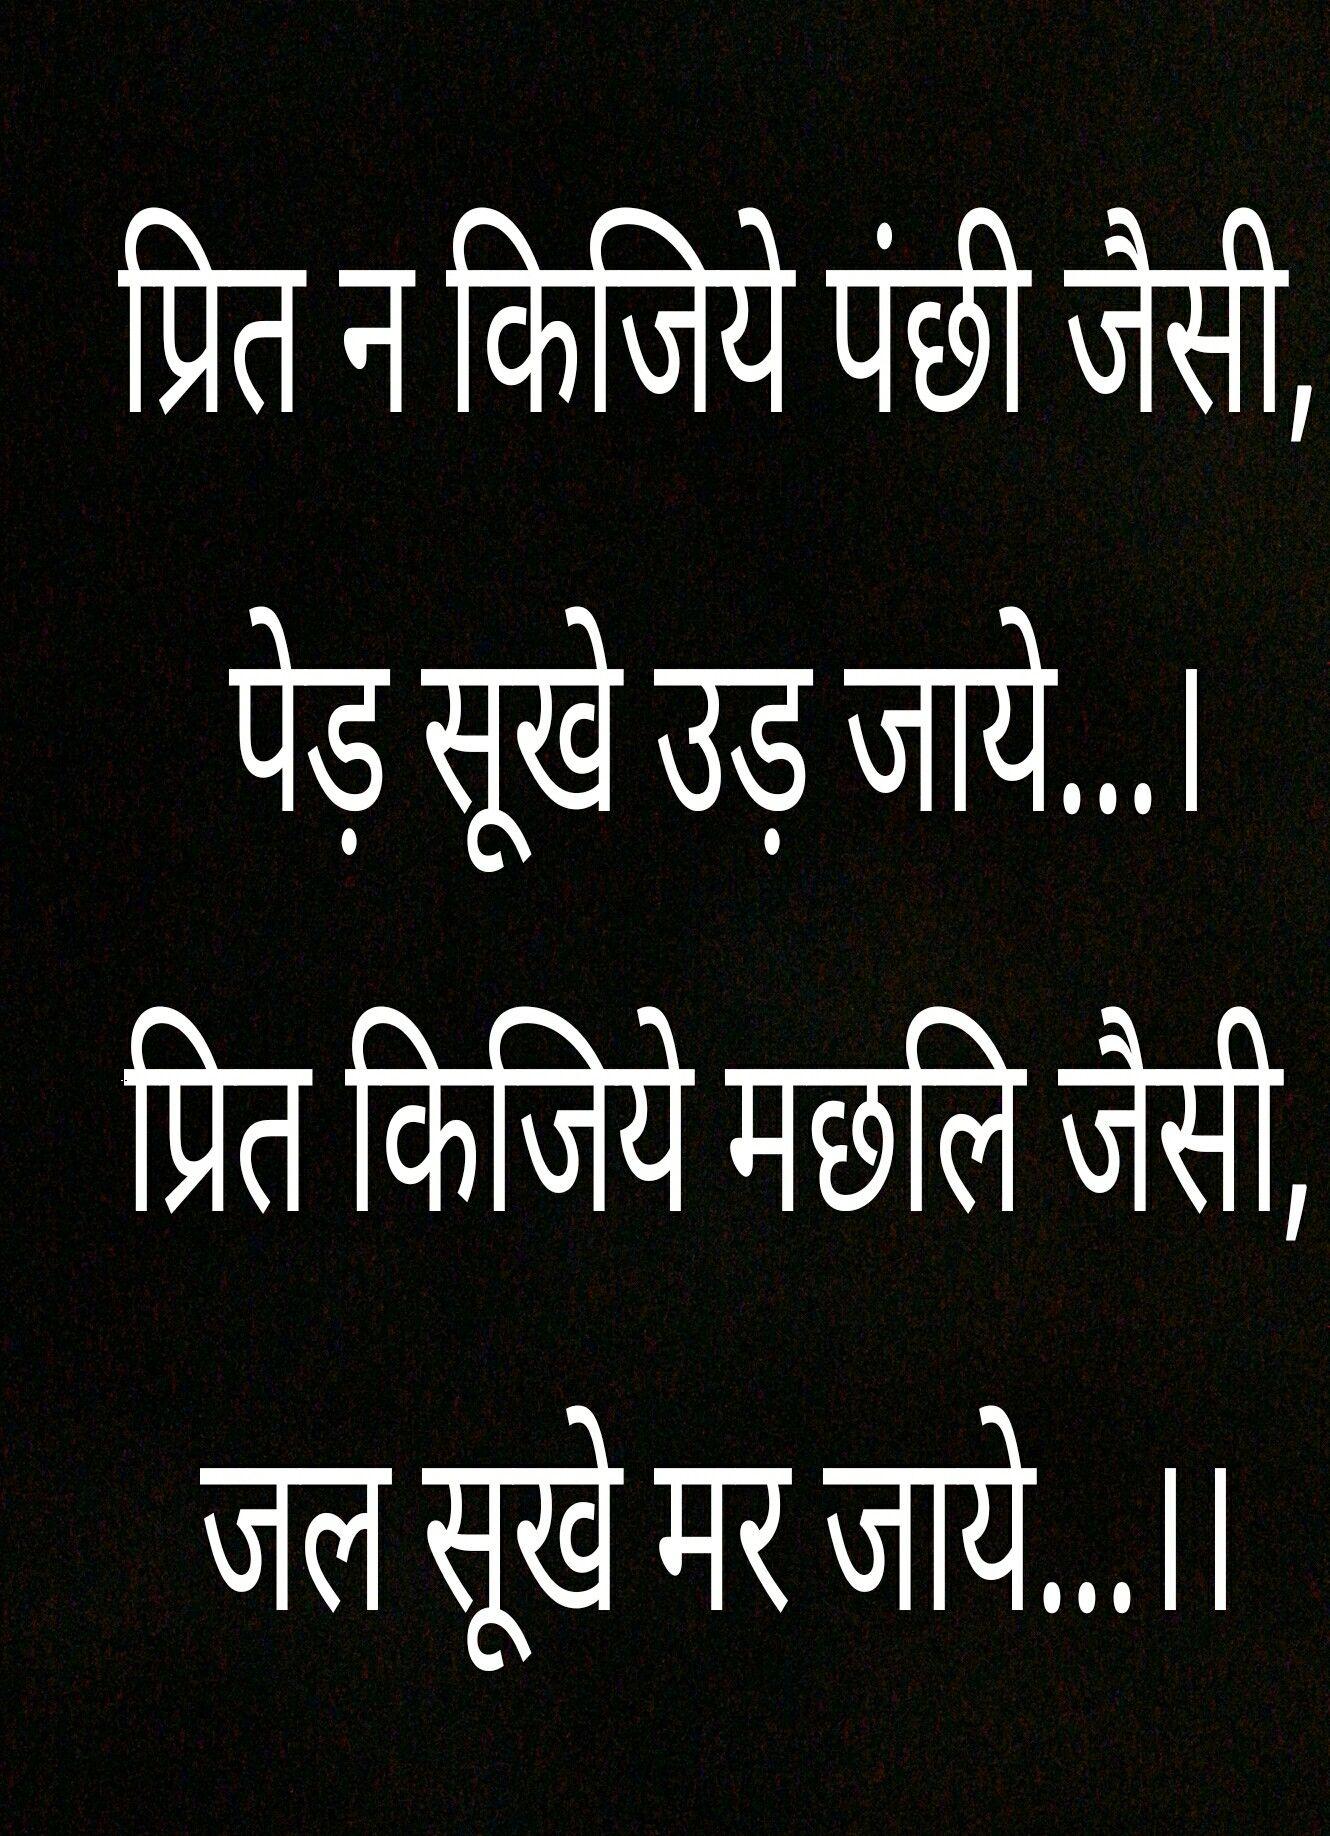 Pin By Surinder Sehgal On Hindi Shayari And Quotes Buddha Quotes Inspirational Inspiratiomal Quotes Humanity Quotes